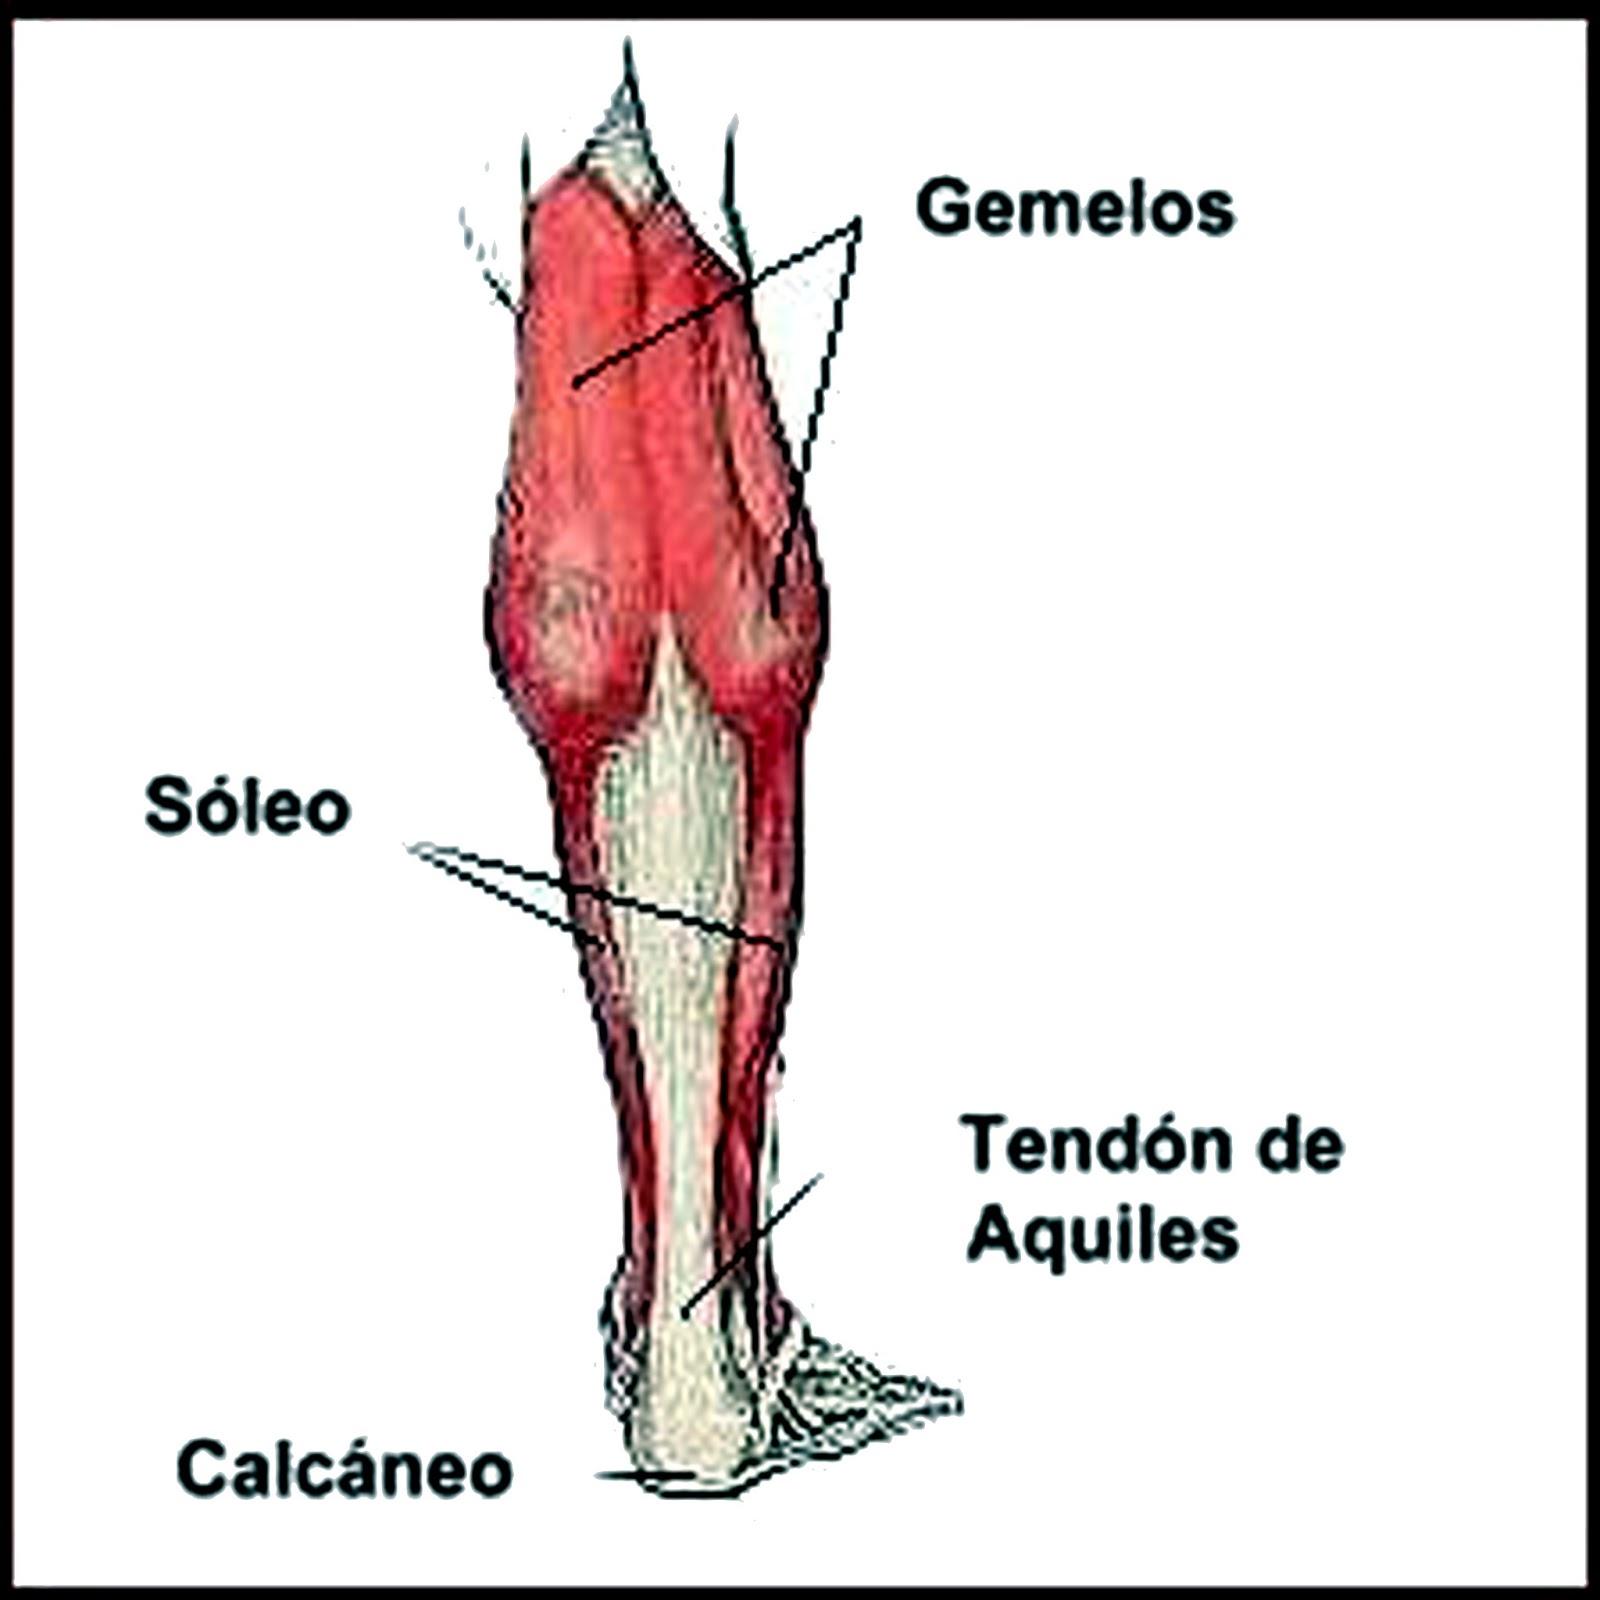 Gimnasio Kata: Tratamiento de la Tendinitis de Aquiles